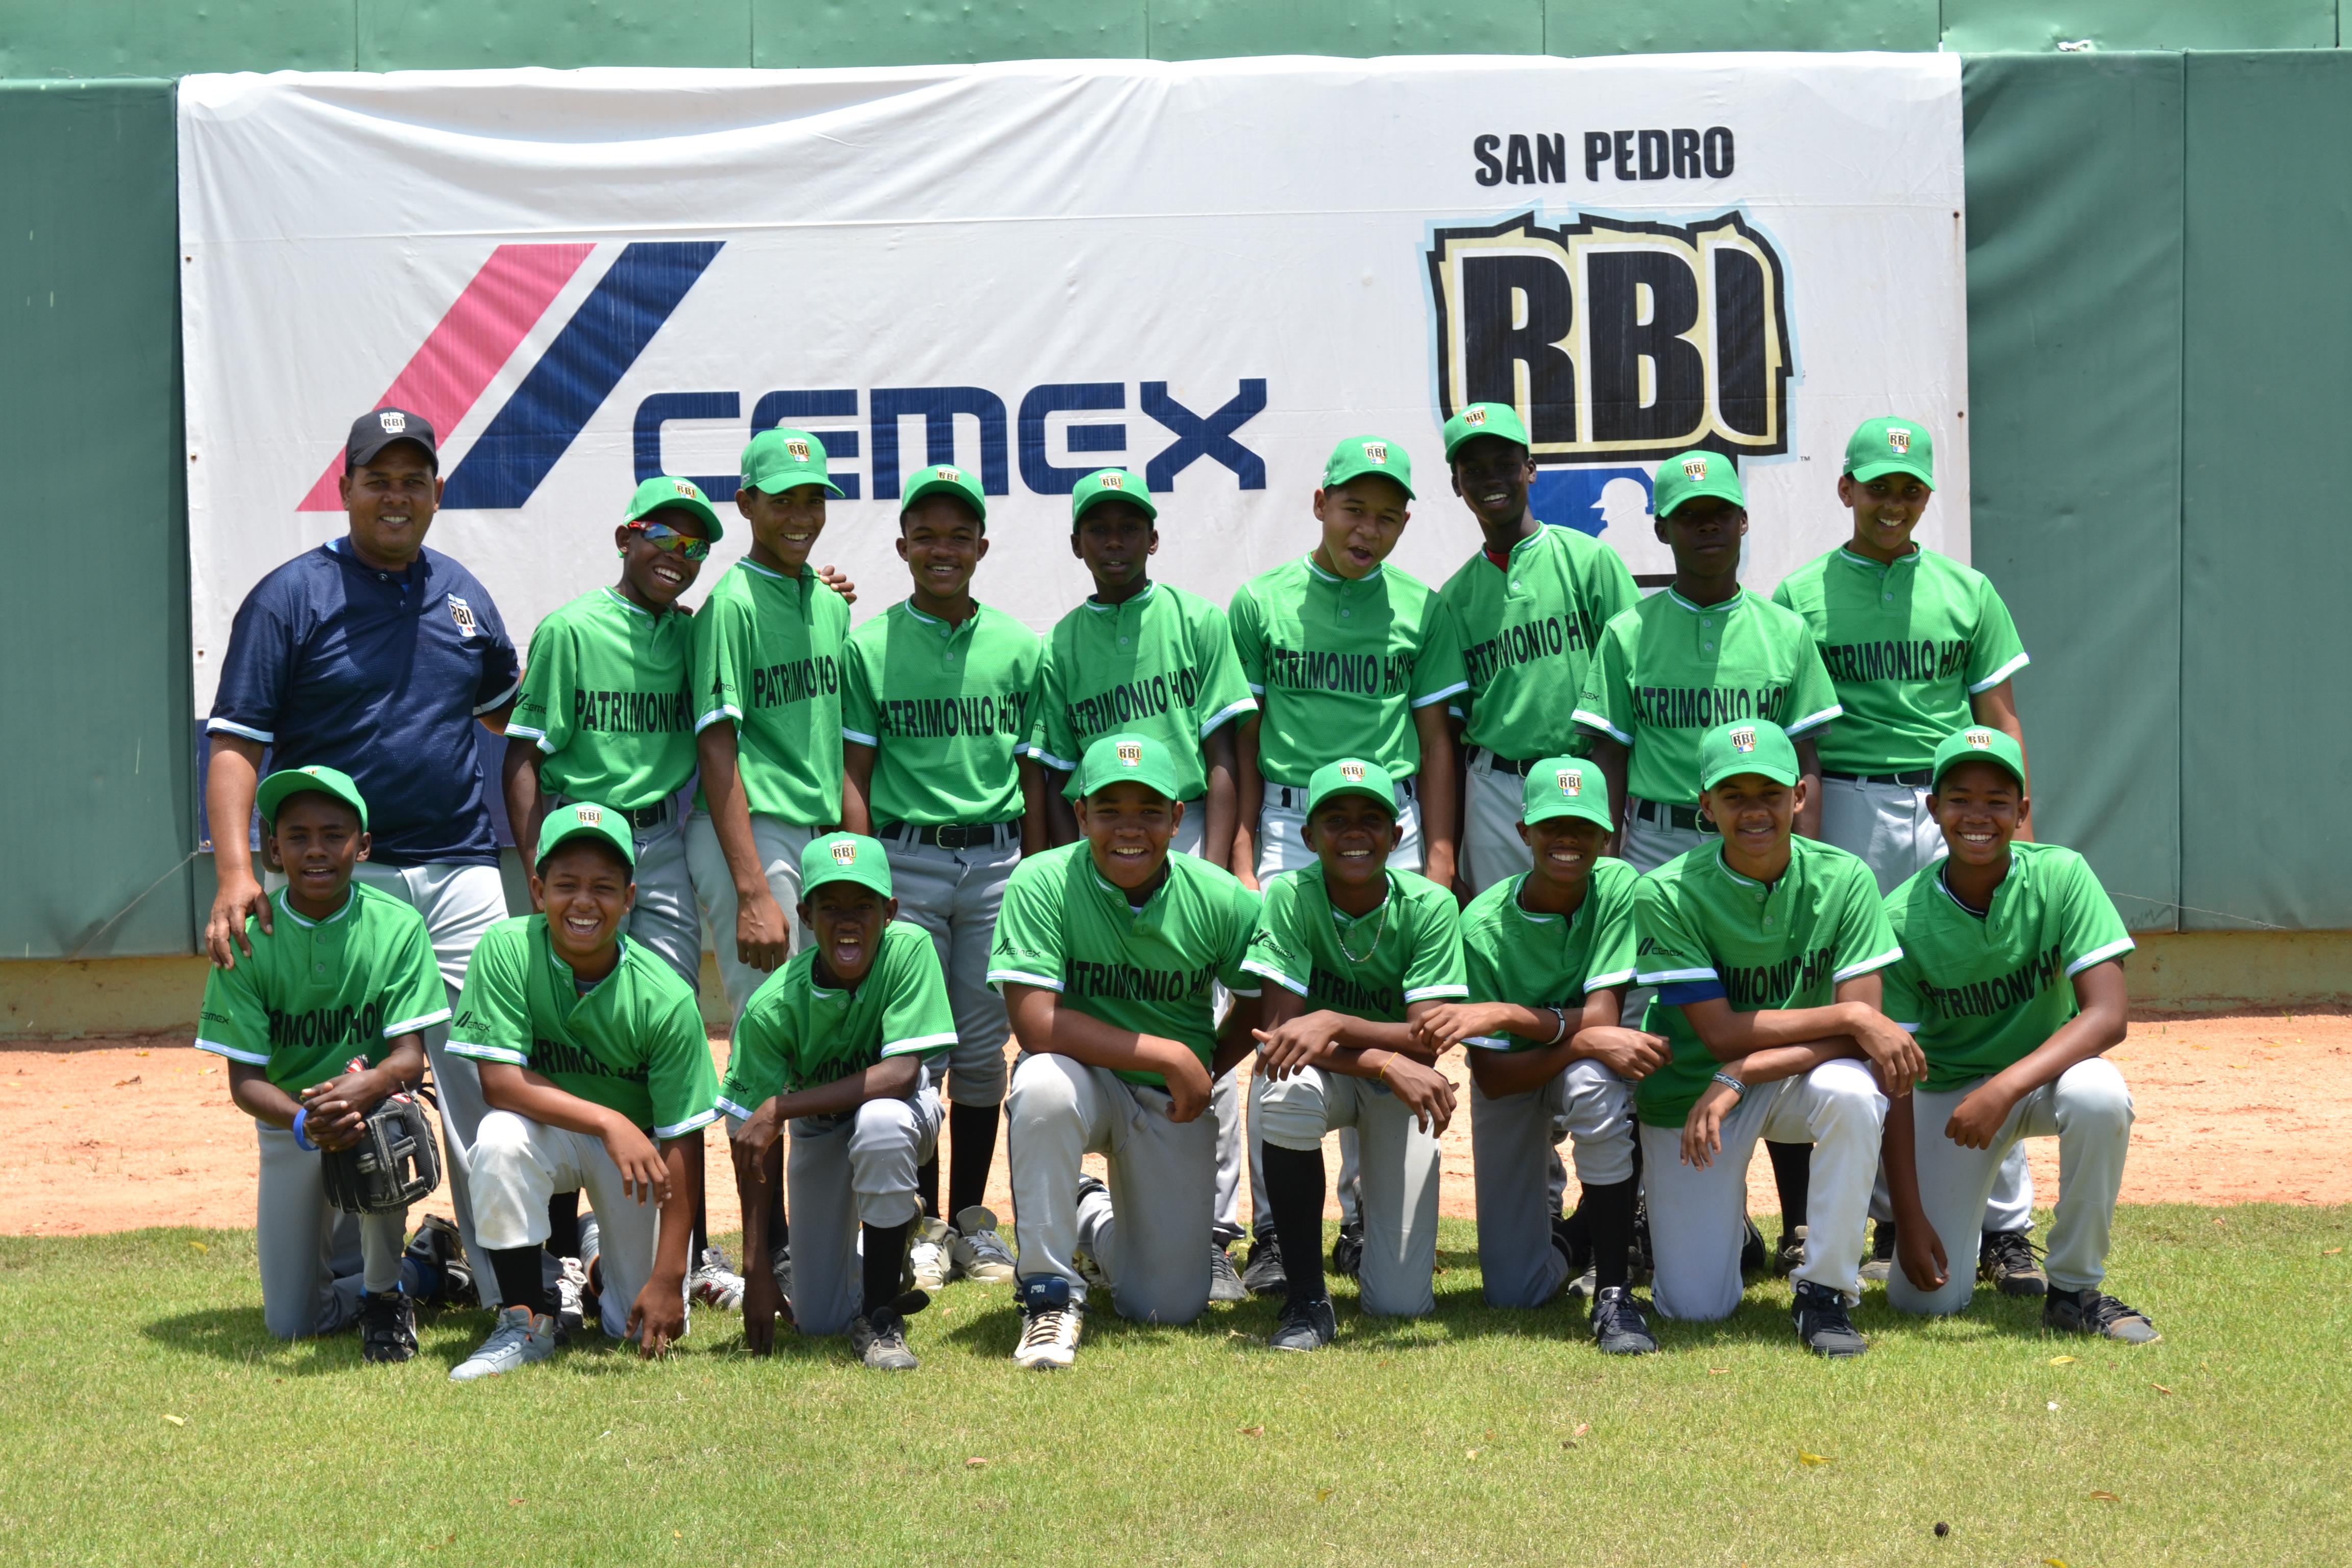 CEMEX amplía programa para formación de jóvenes peloteros